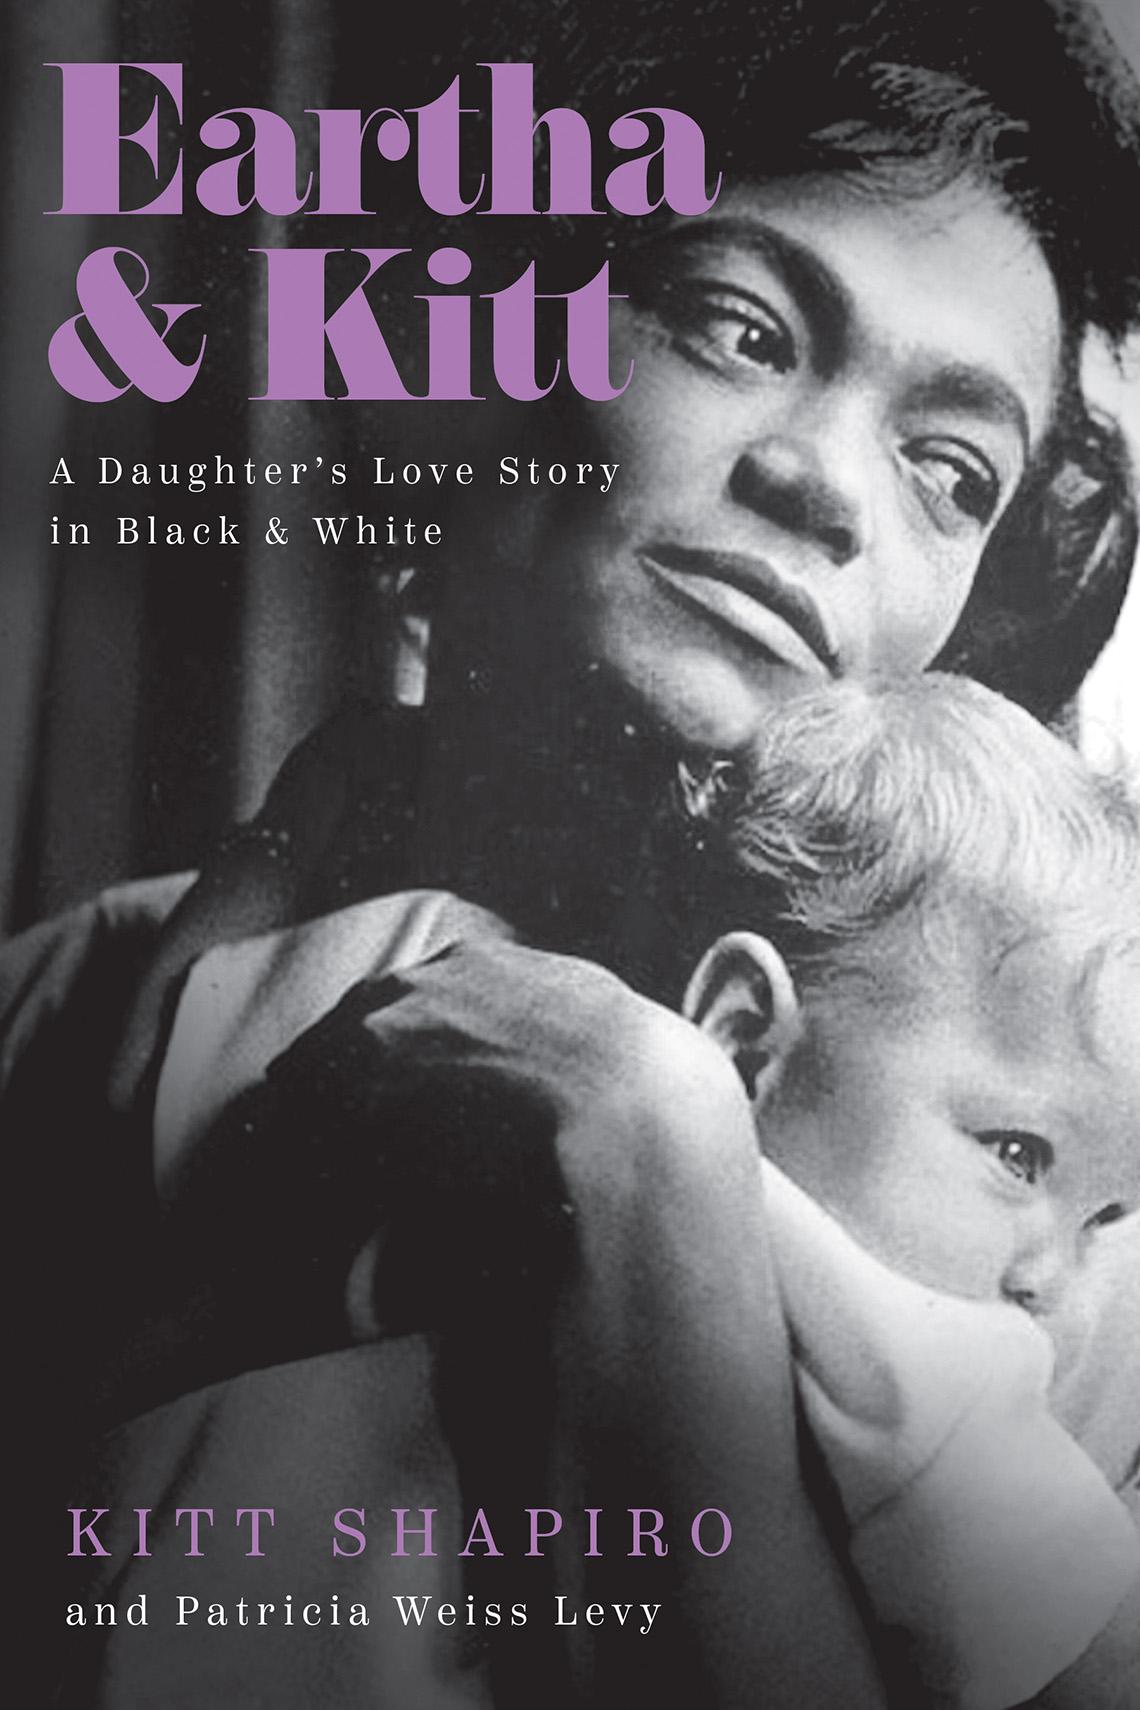 The book cover for Kitt Shapiro's memoir Eartha and Kitt A Daughter's Love Story in Black and White